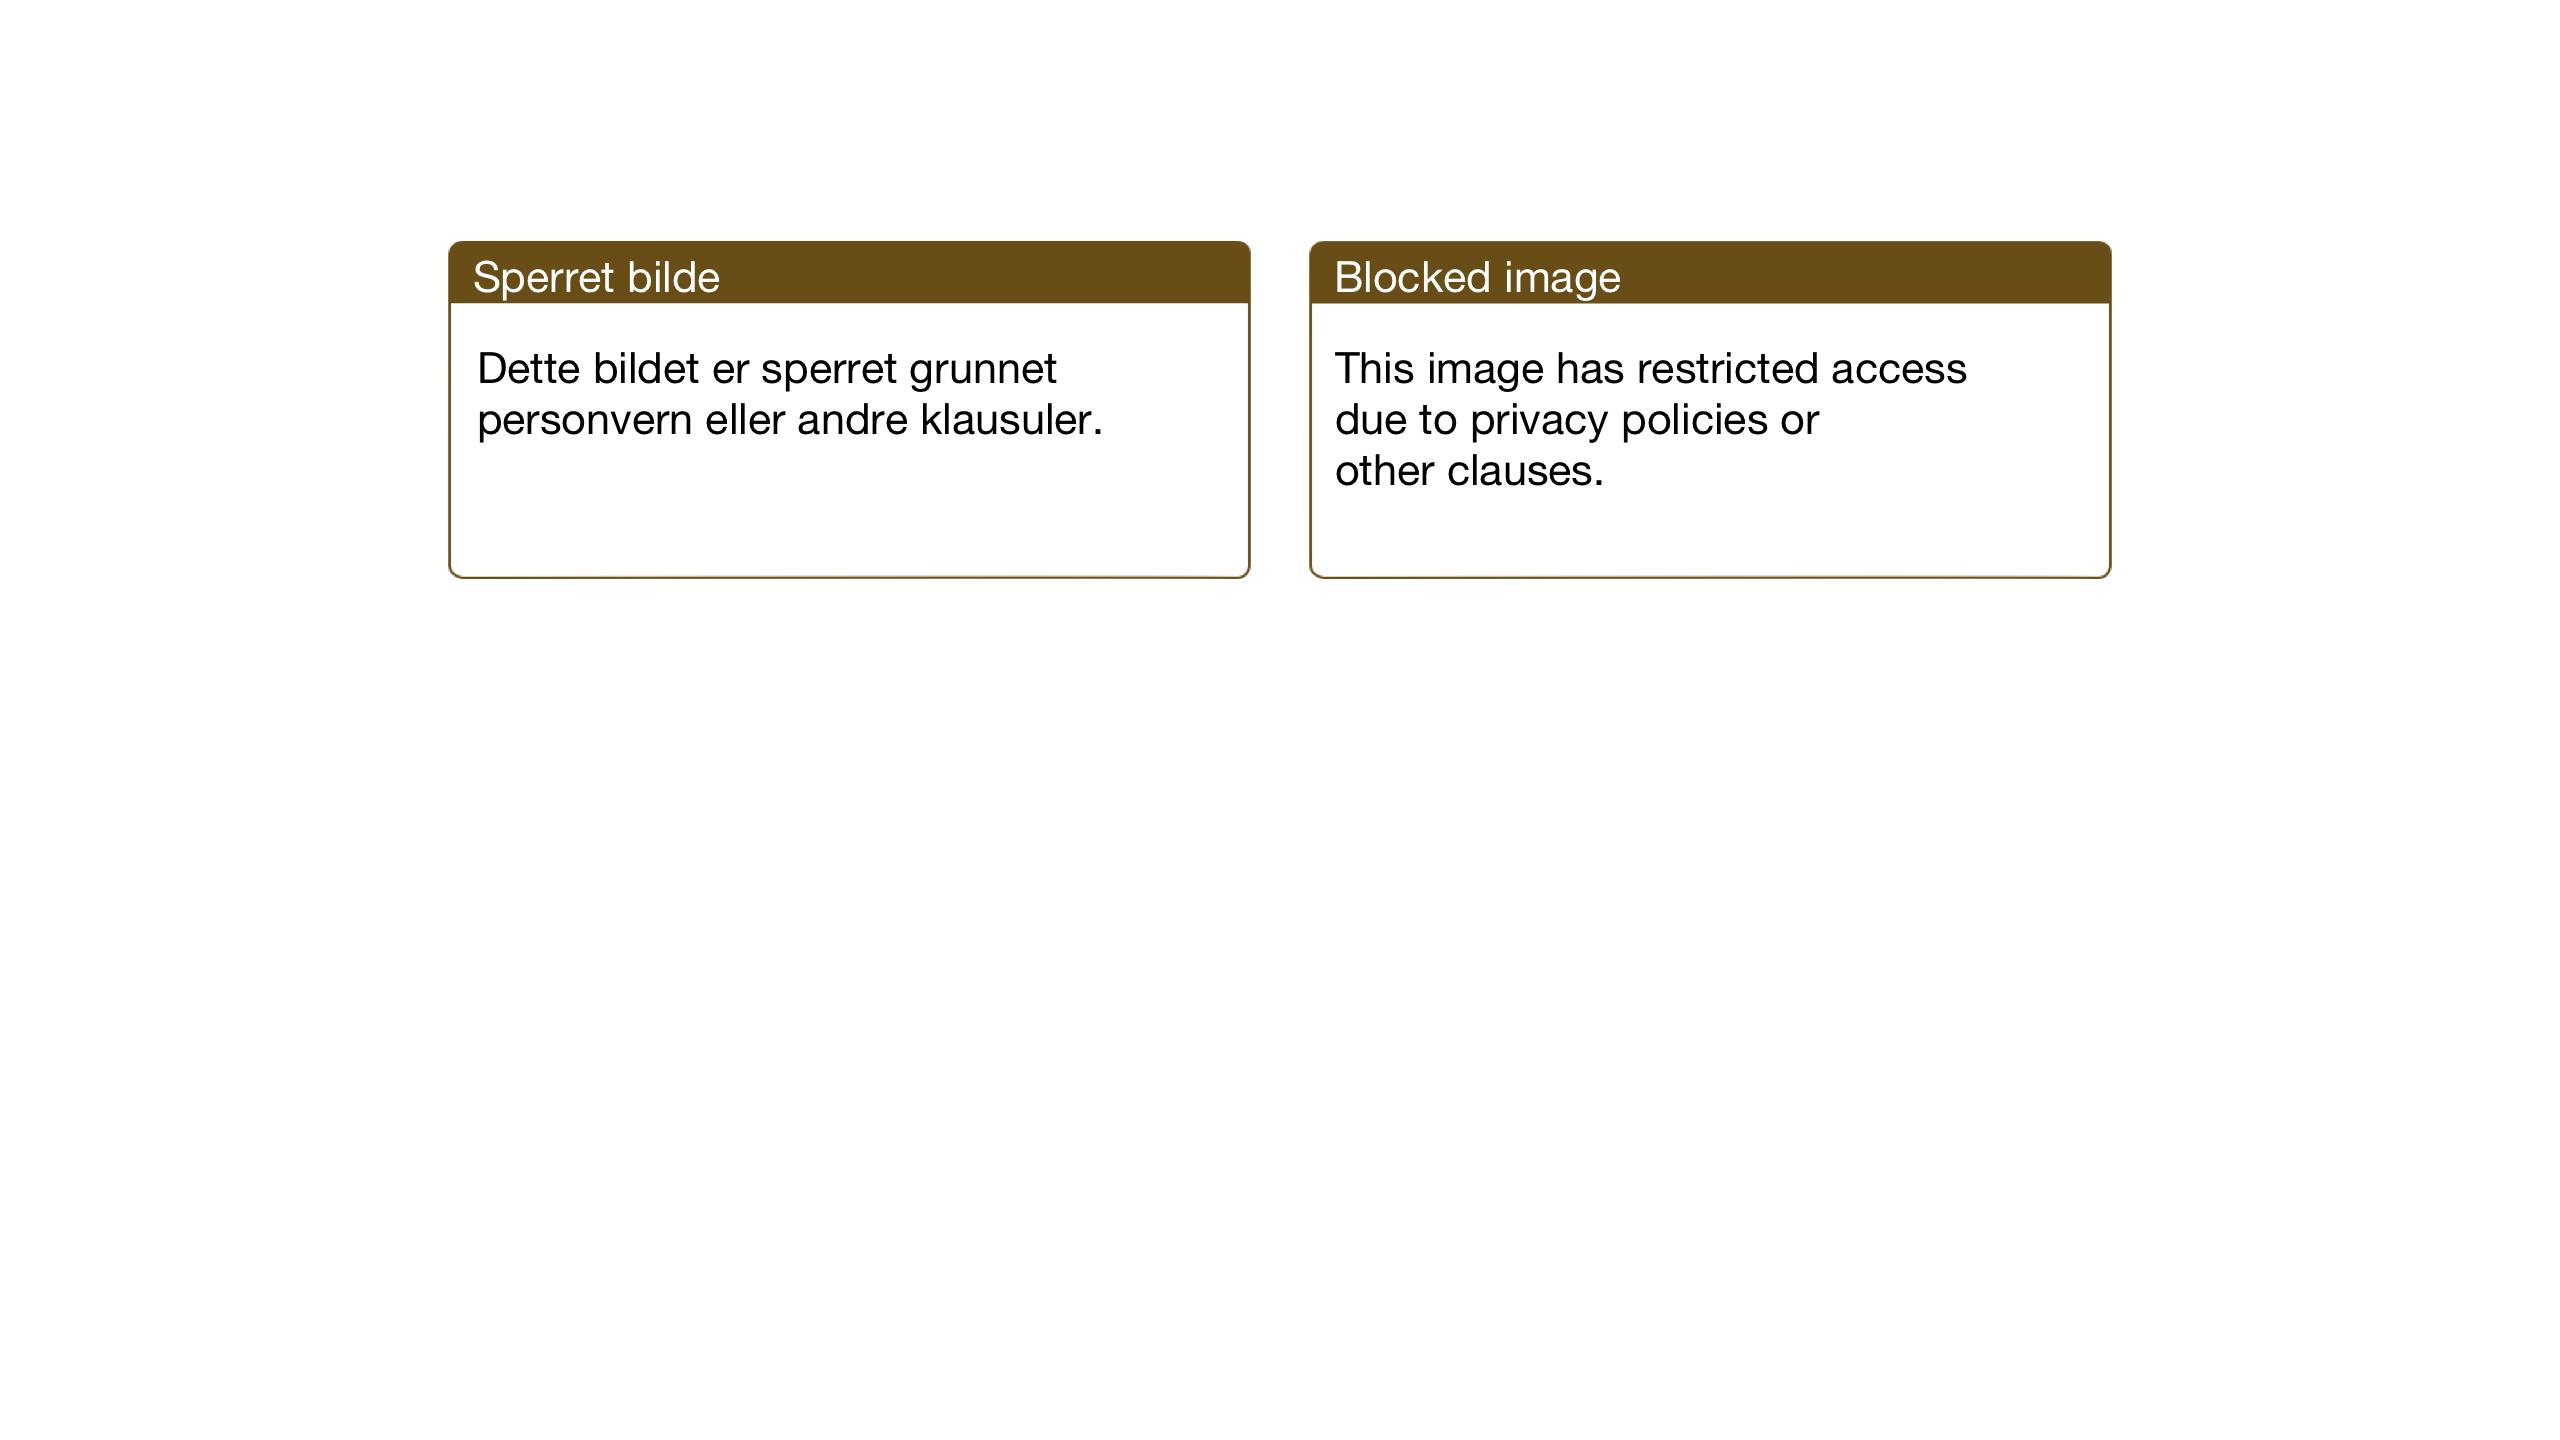 SAT, Ministerialprotokoller, klokkerbøker og fødselsregistre - Sør-Trøndelag, 601/L0061: Ministerialbok nr. 601A29, 1943-1944, s. 1